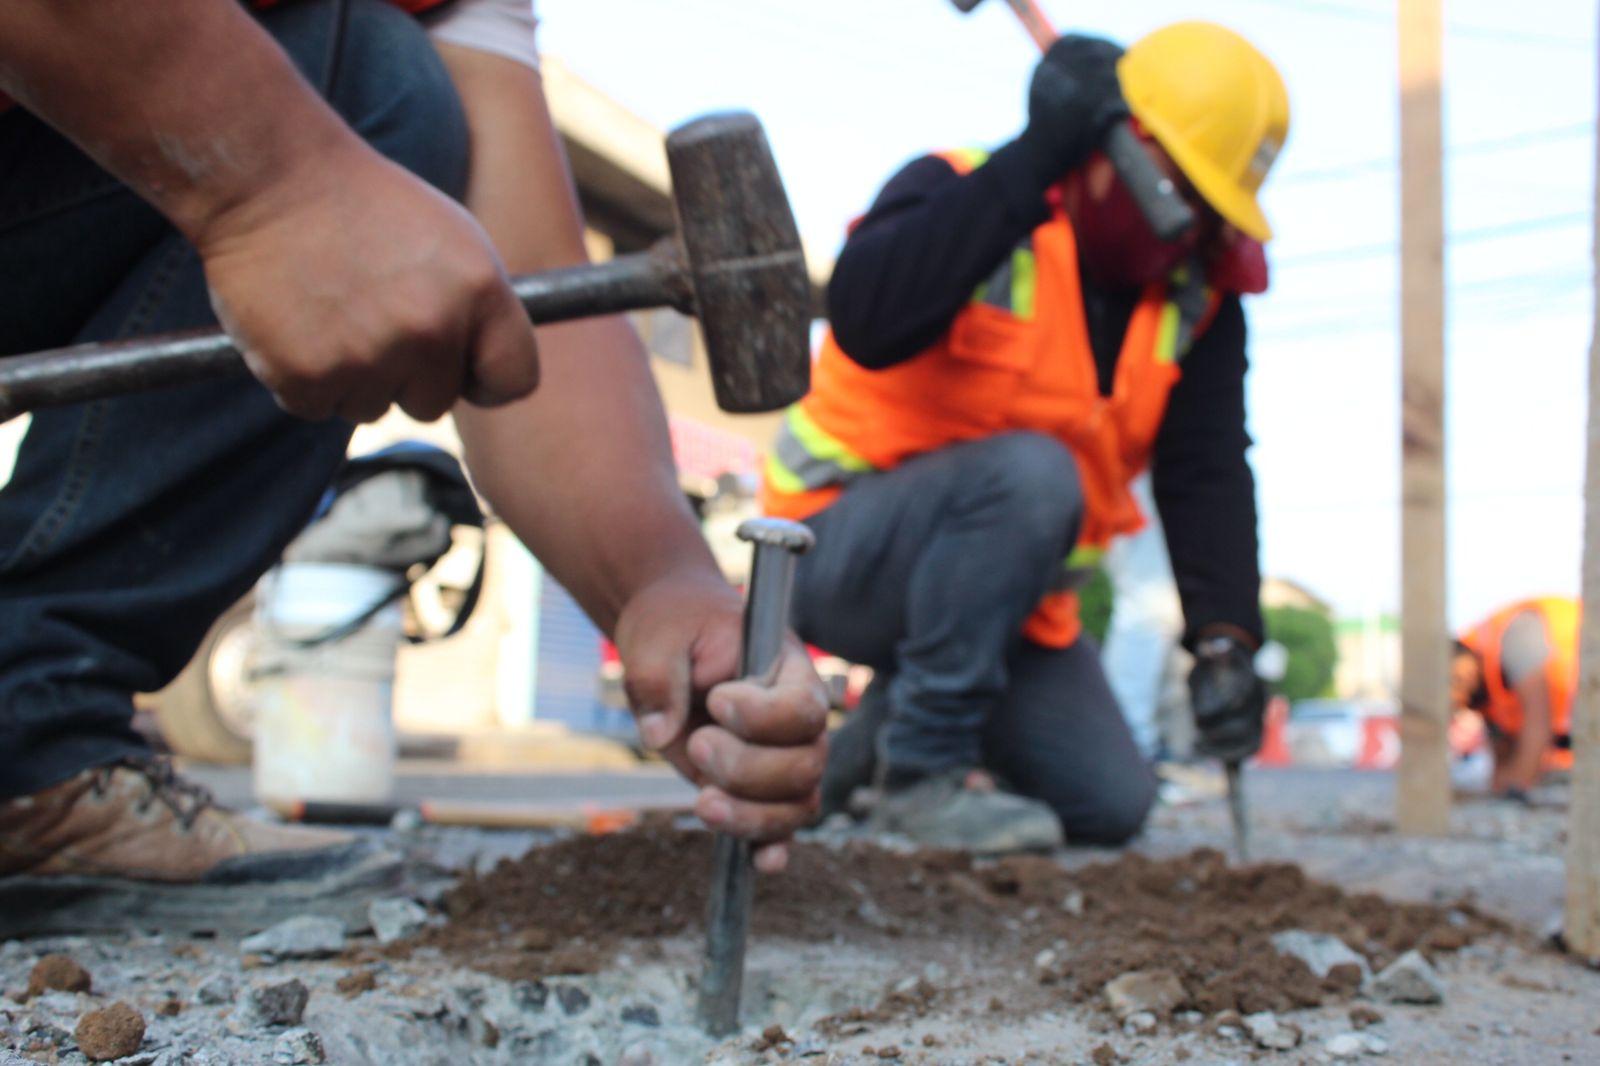 Gobierno de Ecatepec inicia demolición de edificio inclinado que pone en riesgo a vecinos